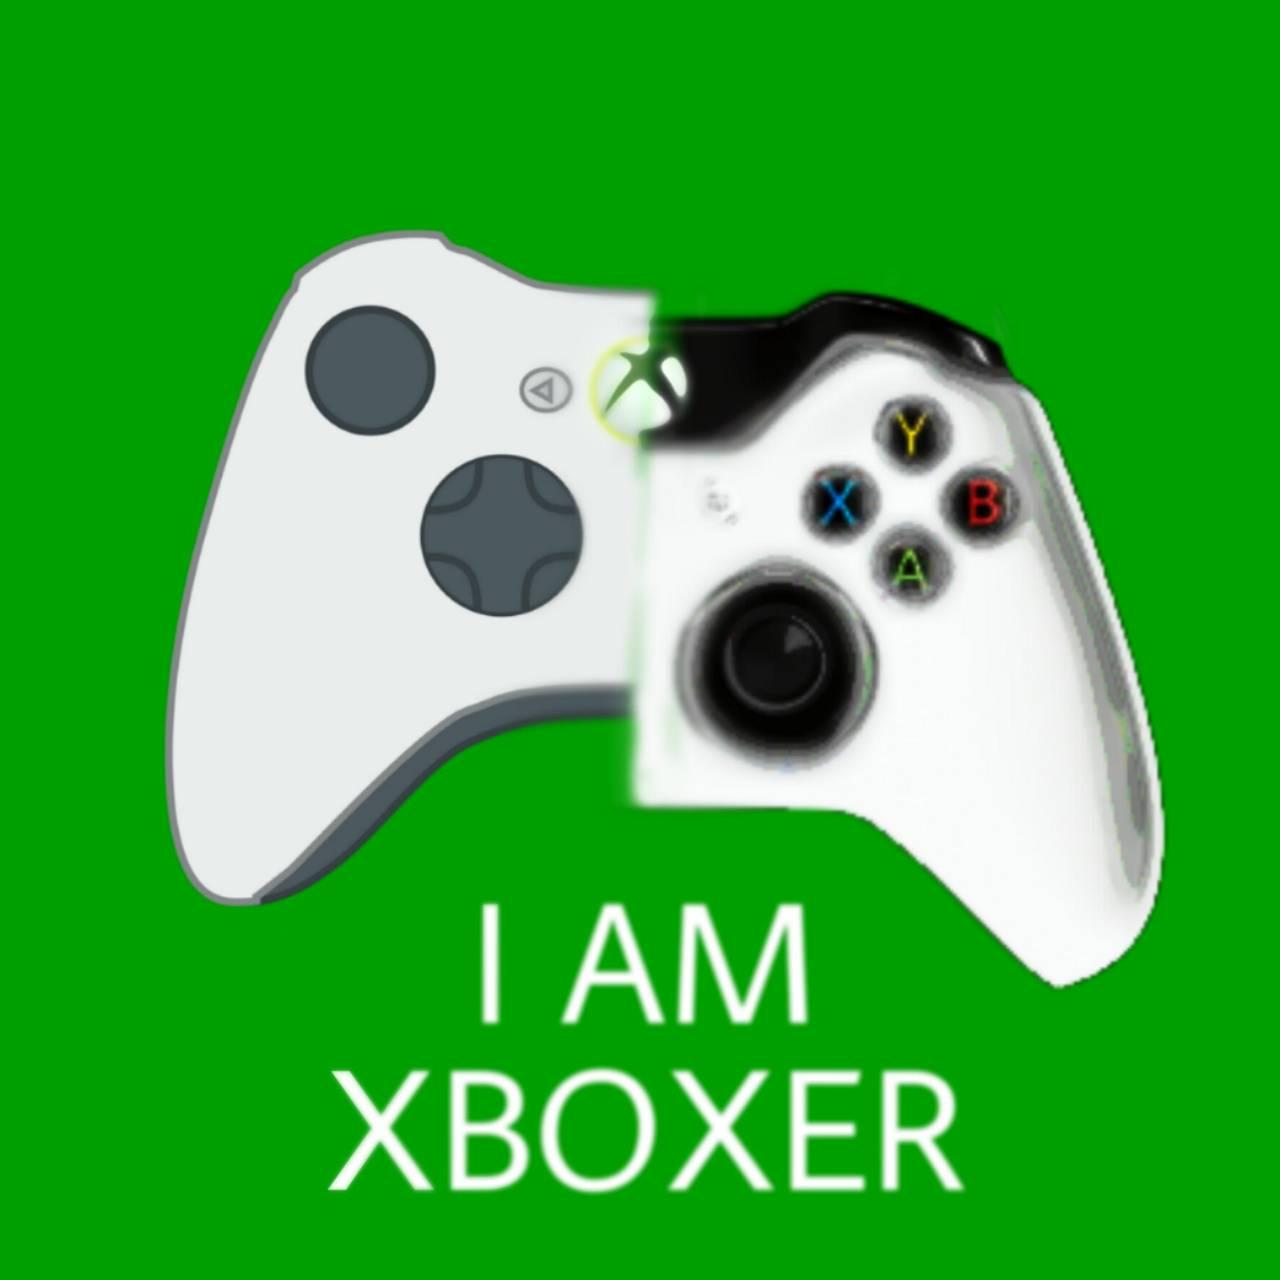 I Am Xboxer